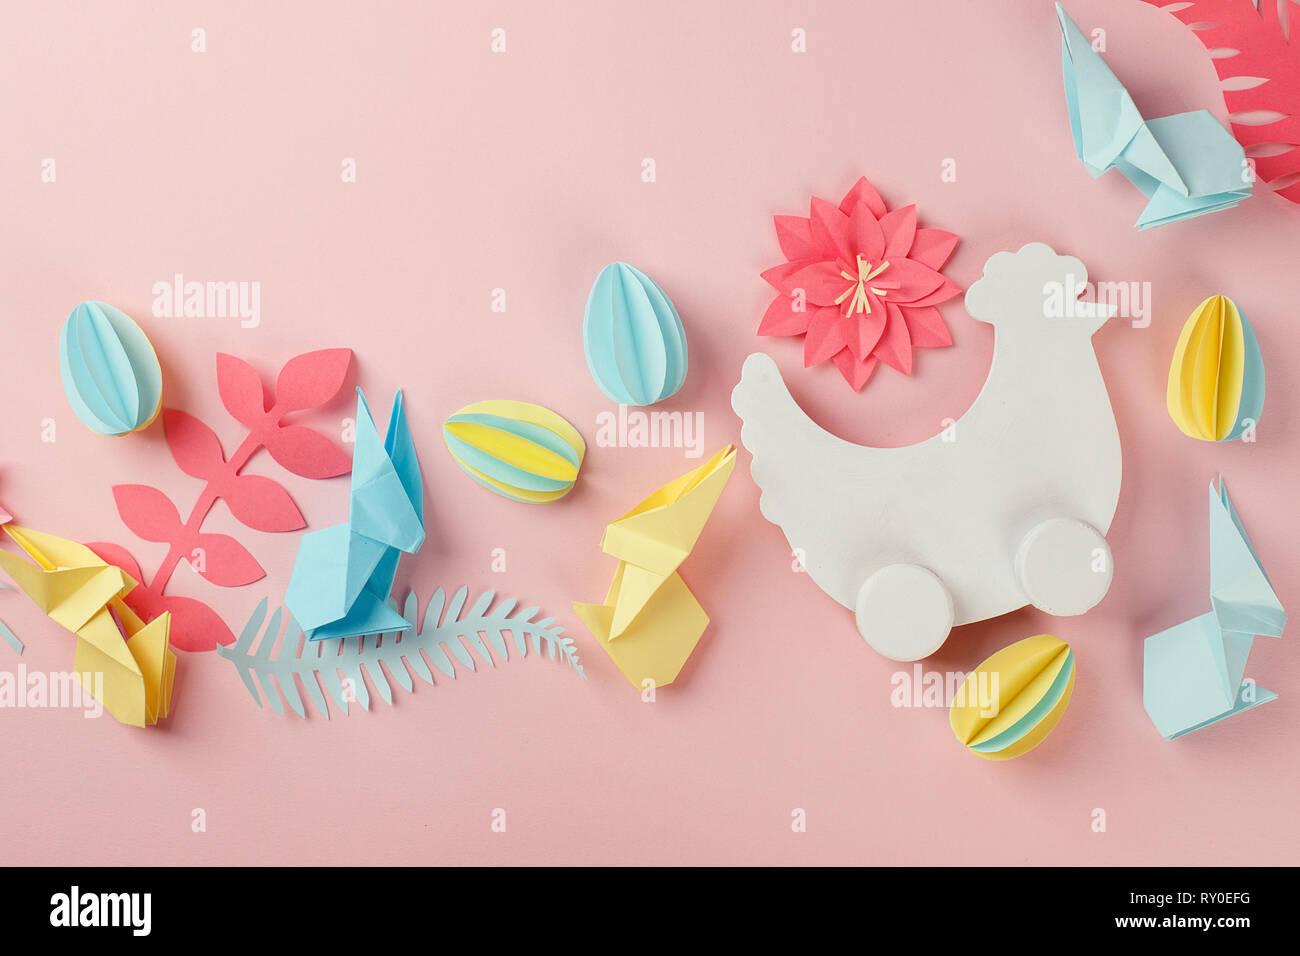 Maison De Vacances De Pâques Avec Arrière Plan Créatif, Fleurs, Oeufs  Papercraft Origami